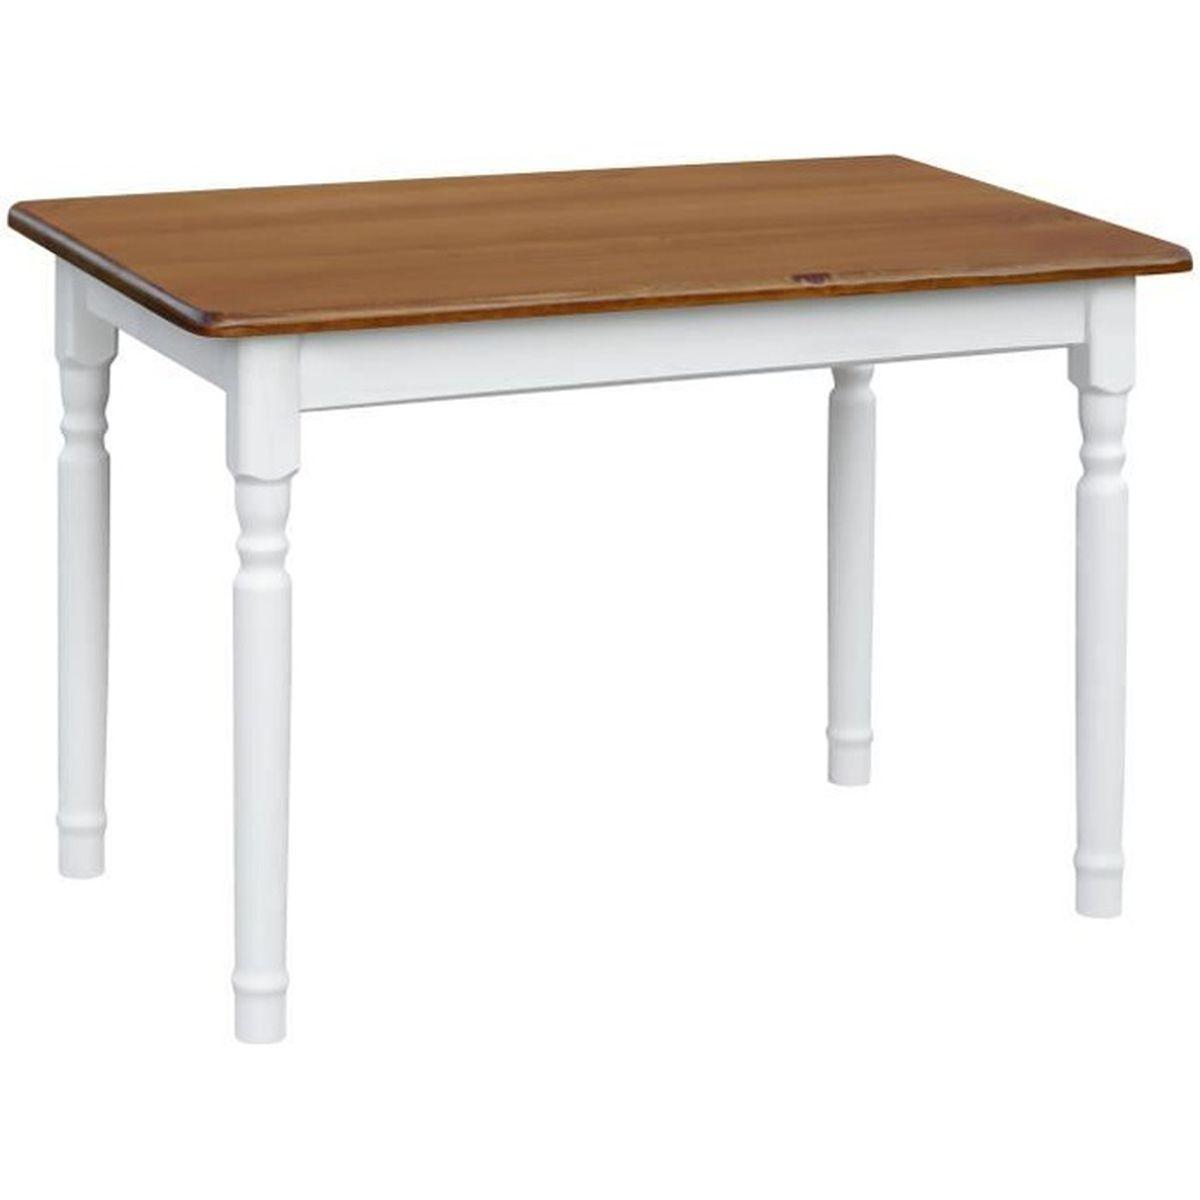 Table salle a manger largeur 120 tables de salle a manger for Table salle a manger 120 cm